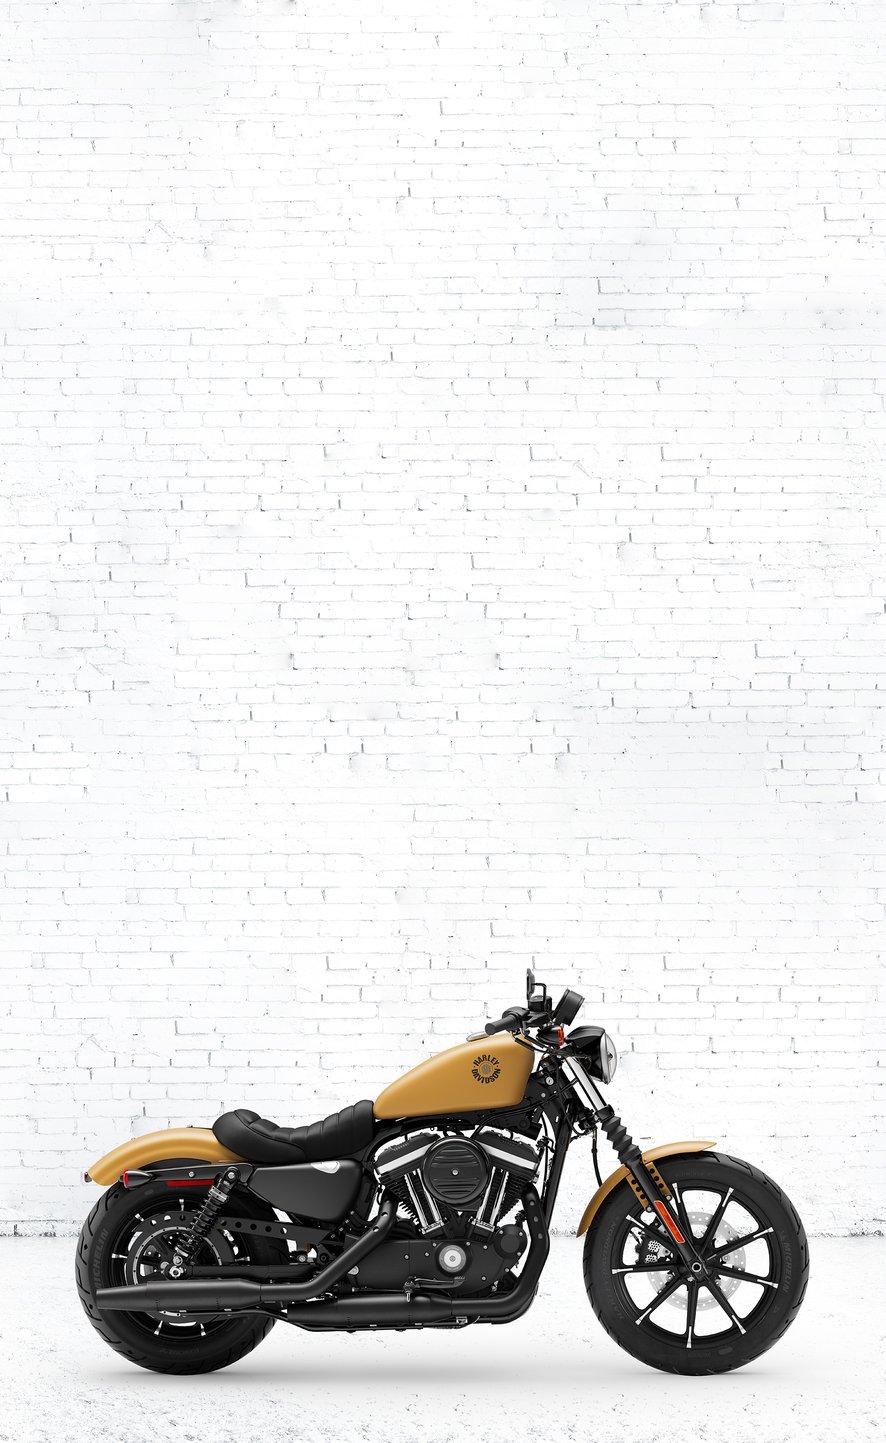 2019 harley davidson iron 883 motorcycle